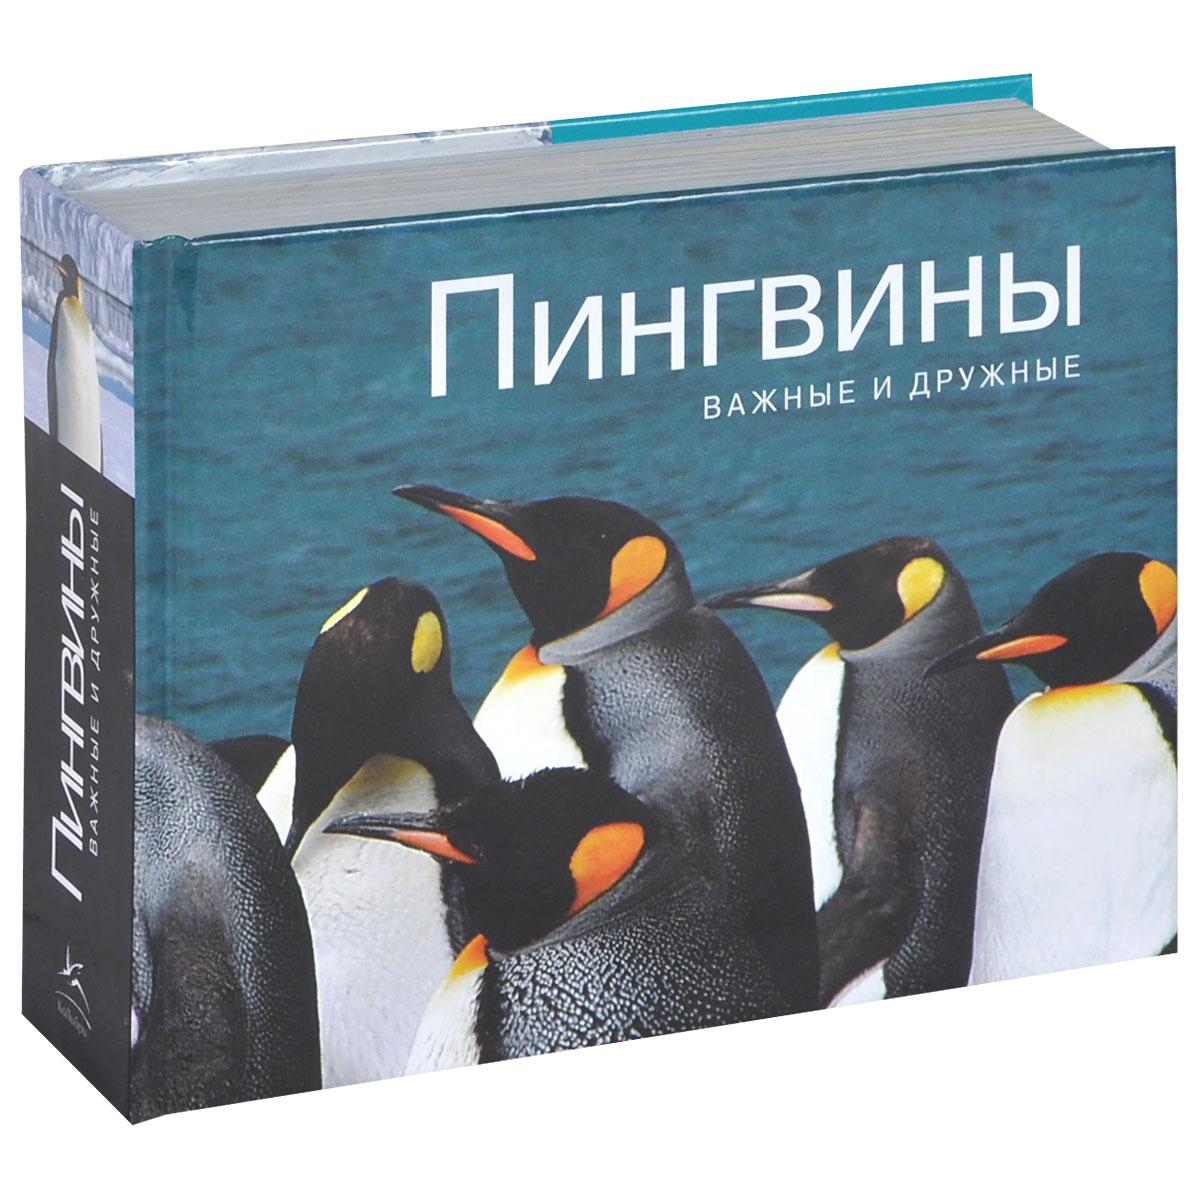 Zakazat.ru: Пингвины. Важные и дружные. Парселл Л.